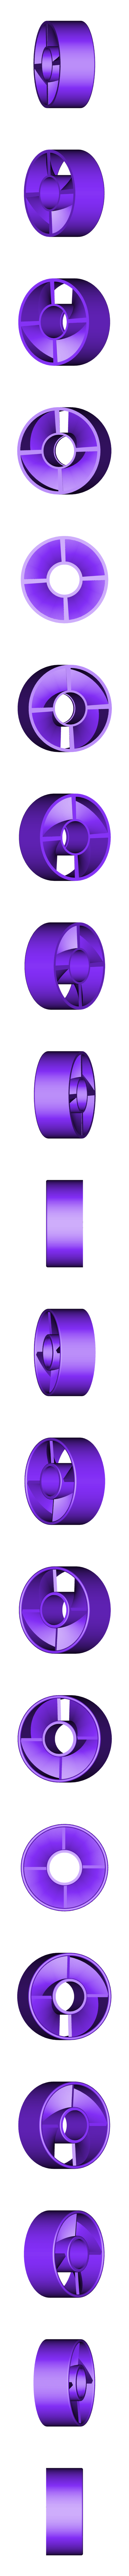 propeller_invert_v1_0.stl Télécharger fichier STL gratuit JALC Moteur de bateau • Modèle pour imprimante 3D, Tanleste46